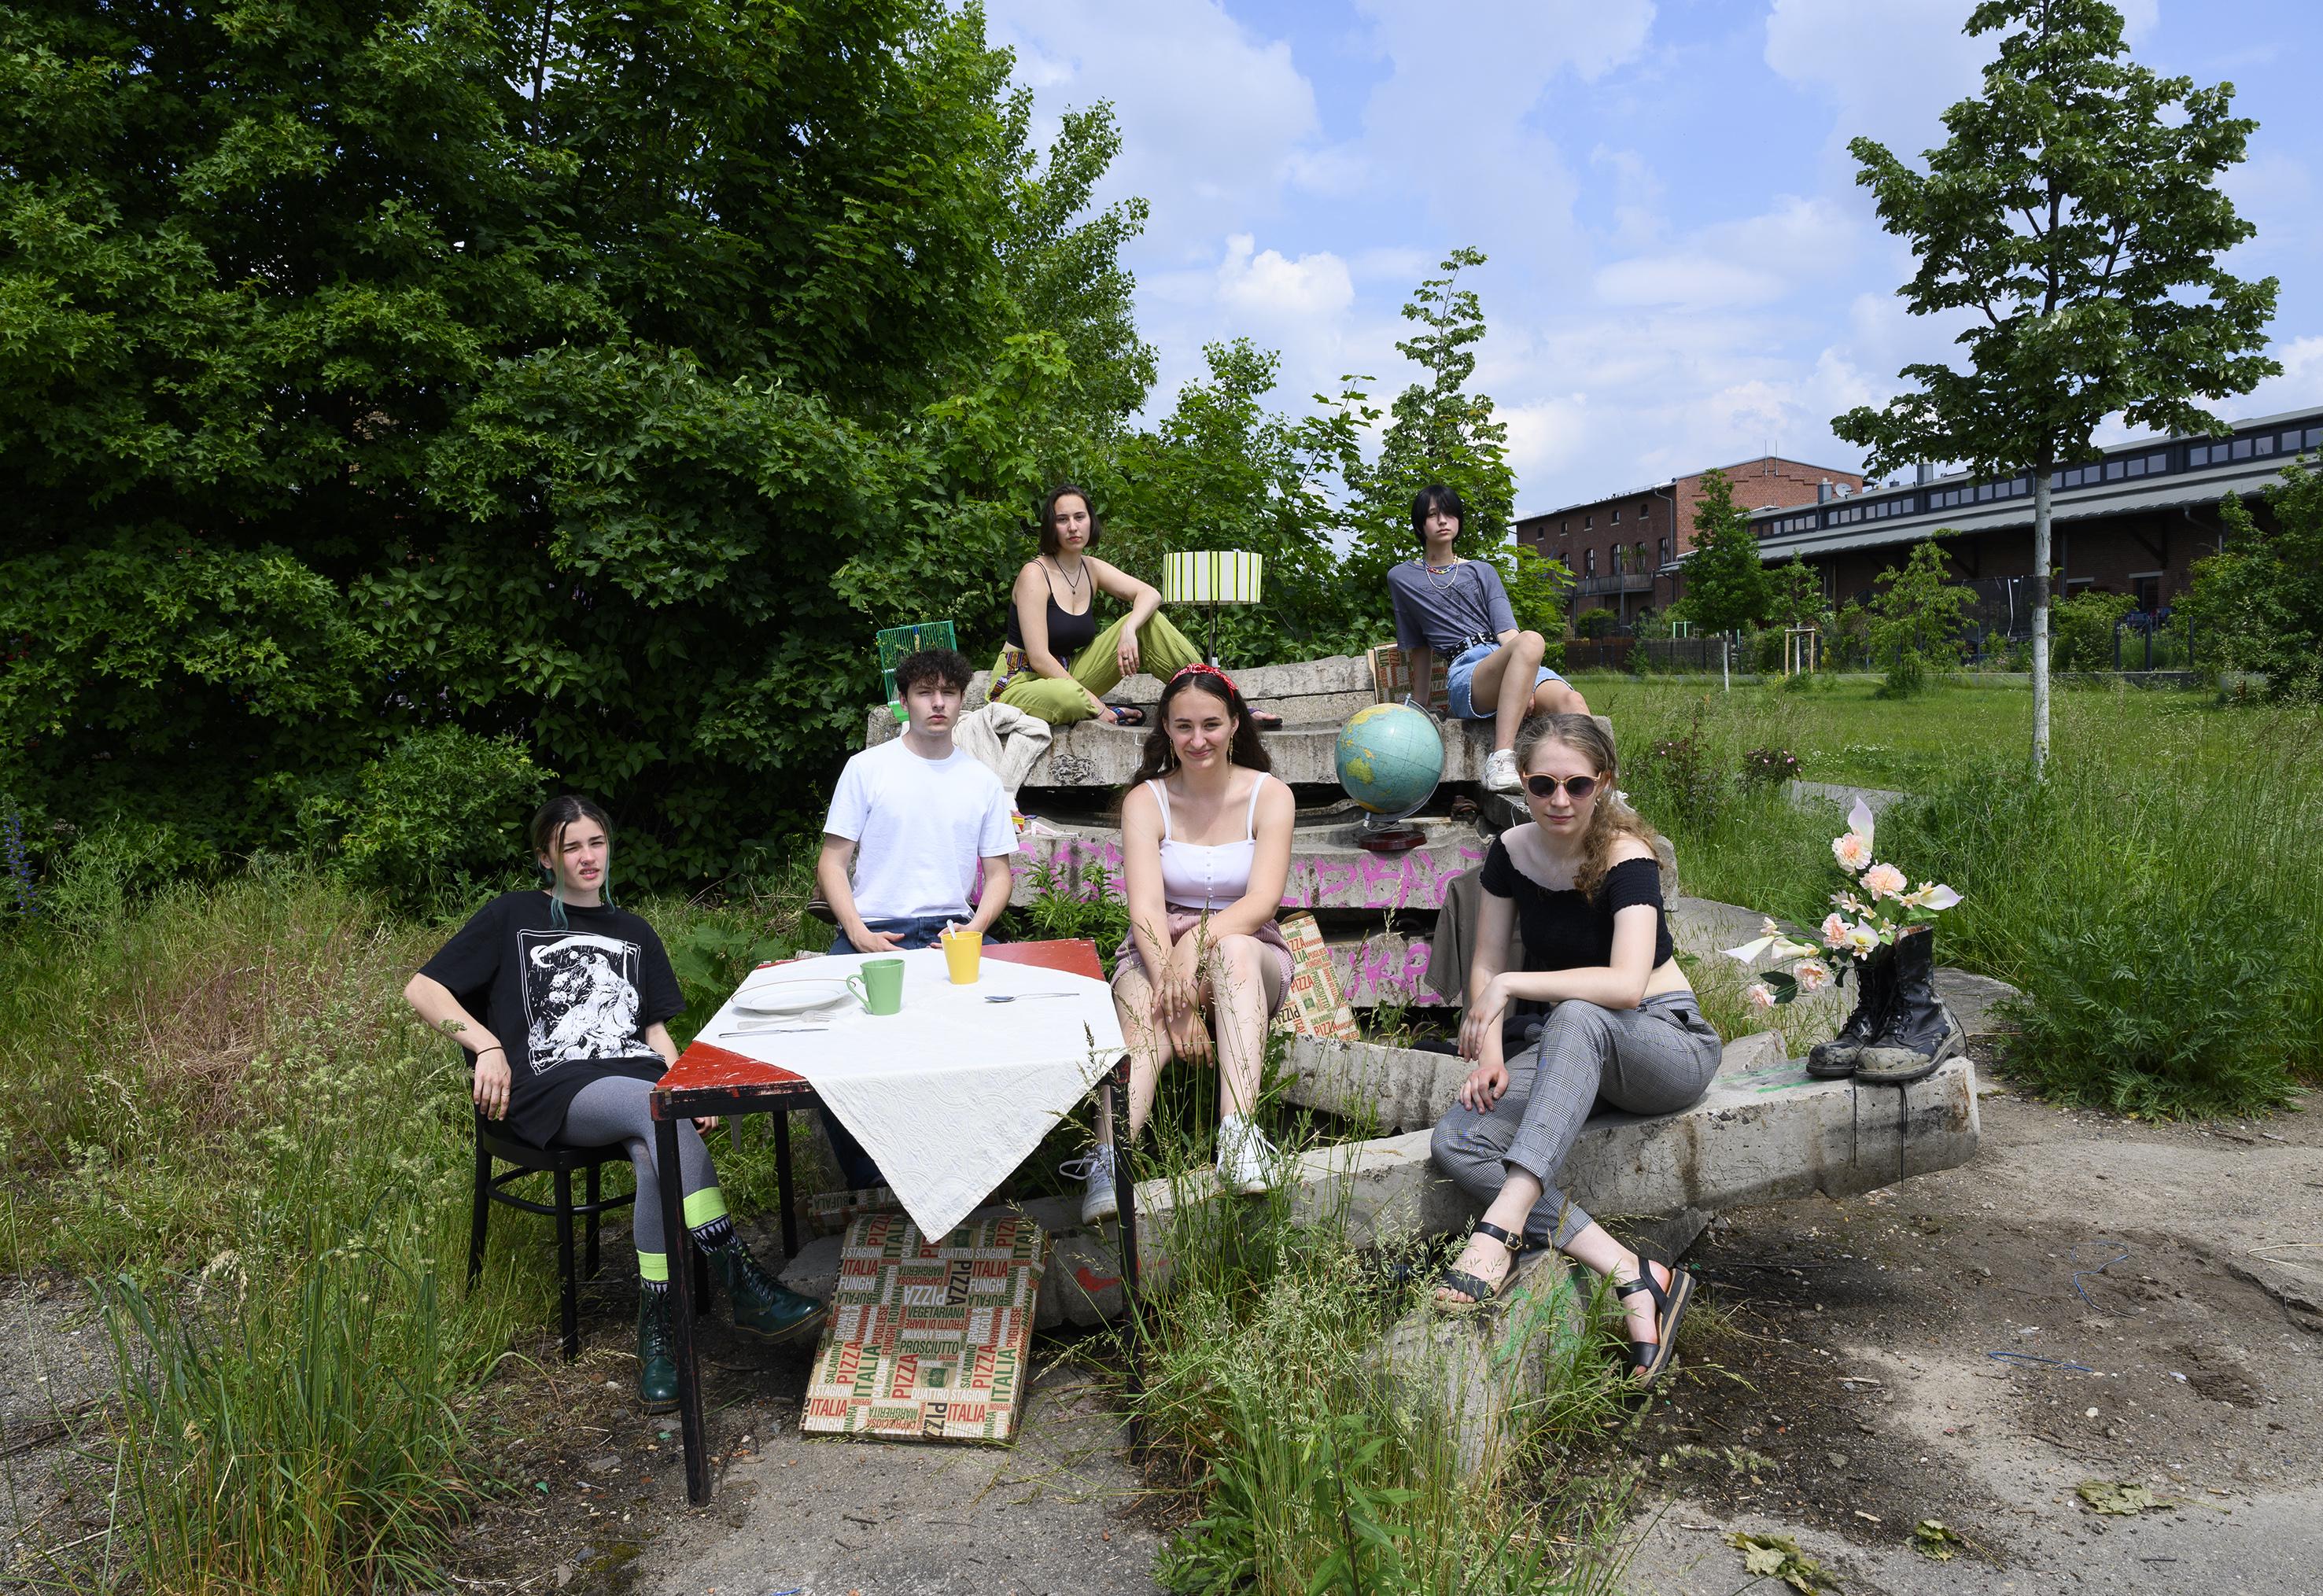 6 Jugendliche auf Betonklötzen im Grünen mit alltäglichen Gegenständen installiert.